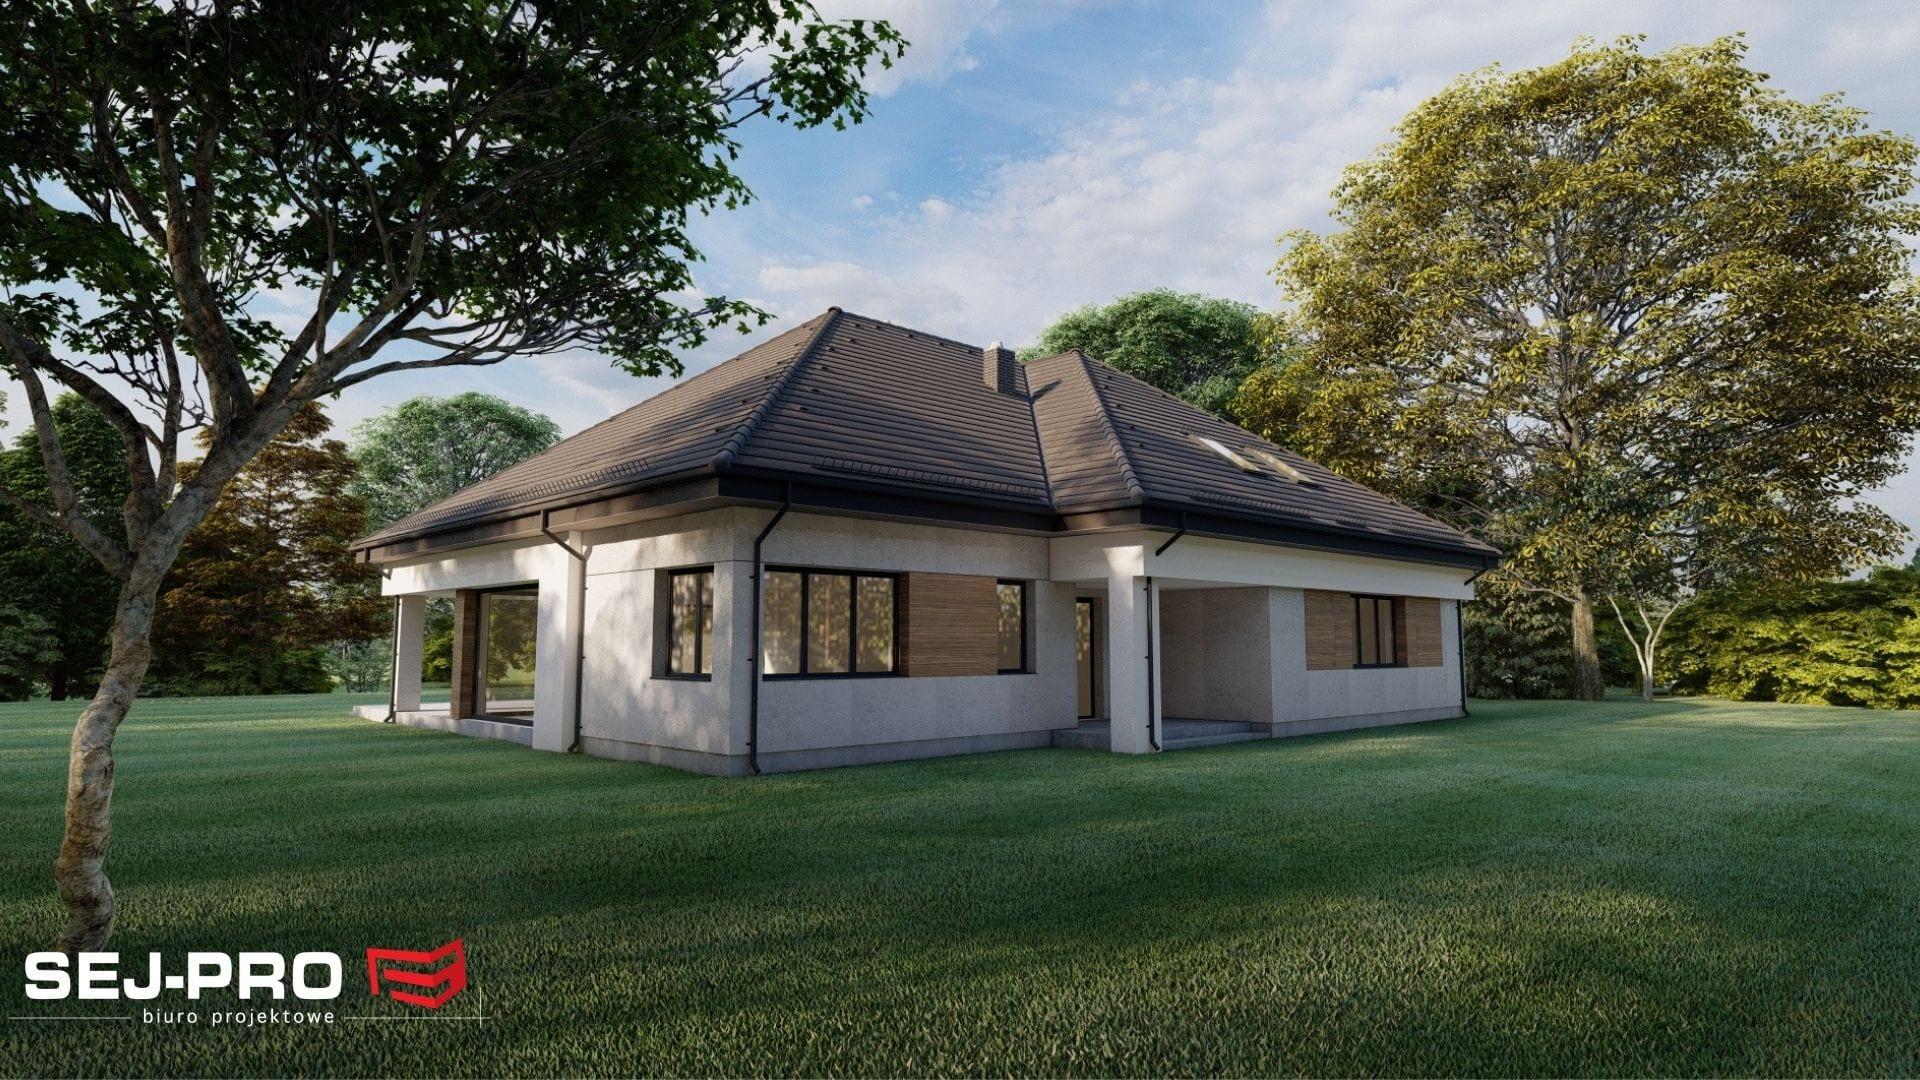 Projekt domu SEJ-PRO 086 ENERGO